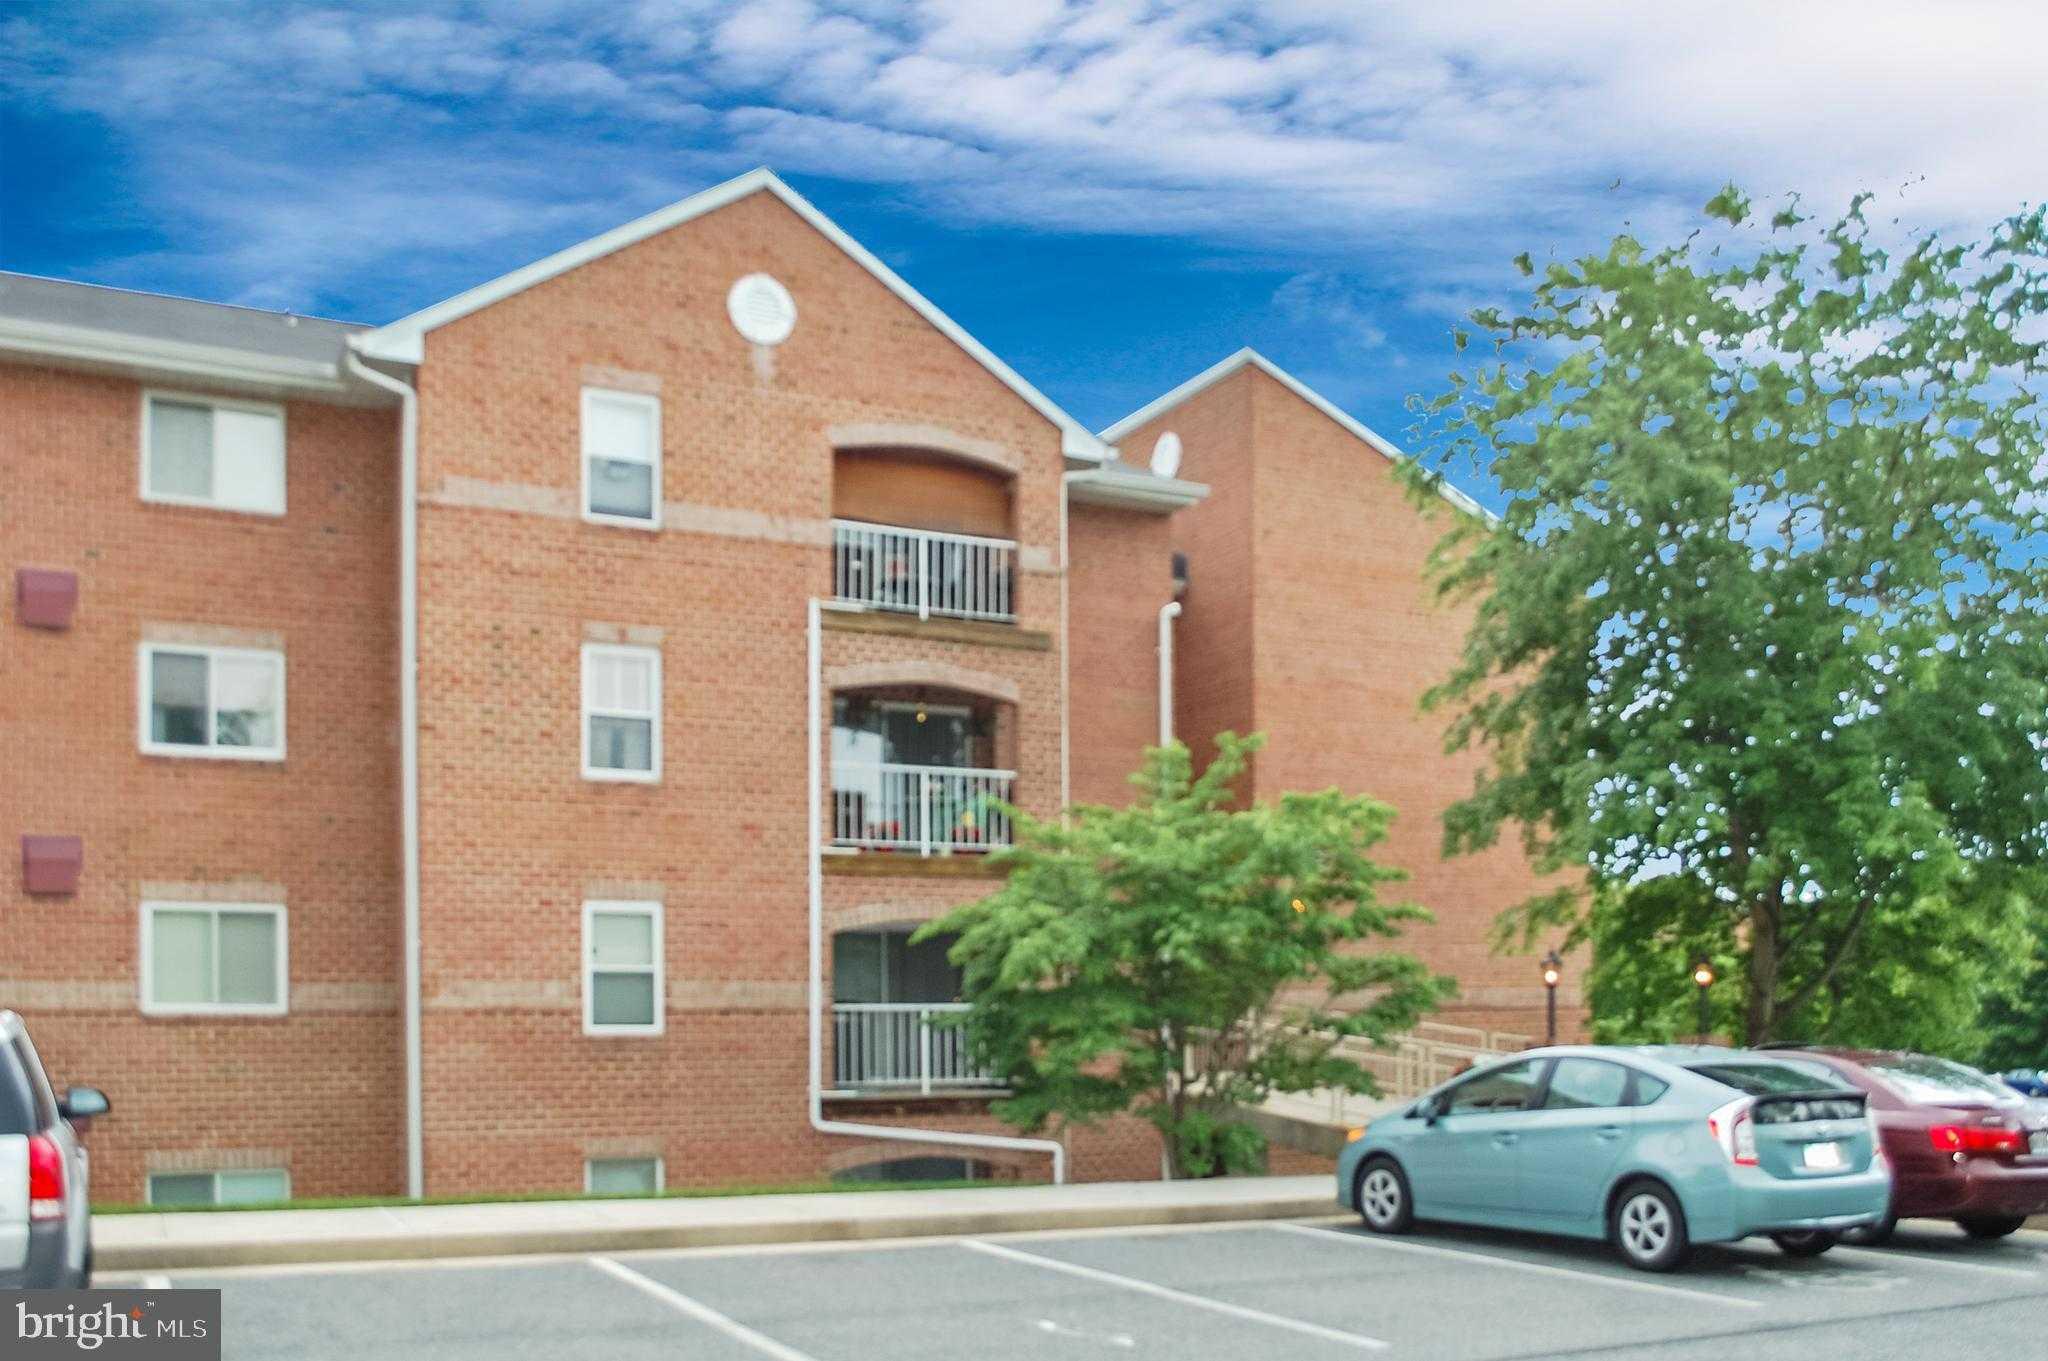 $175,000 - 3Br/2Ba -  for Sale in Silver Ridge, Baltimore